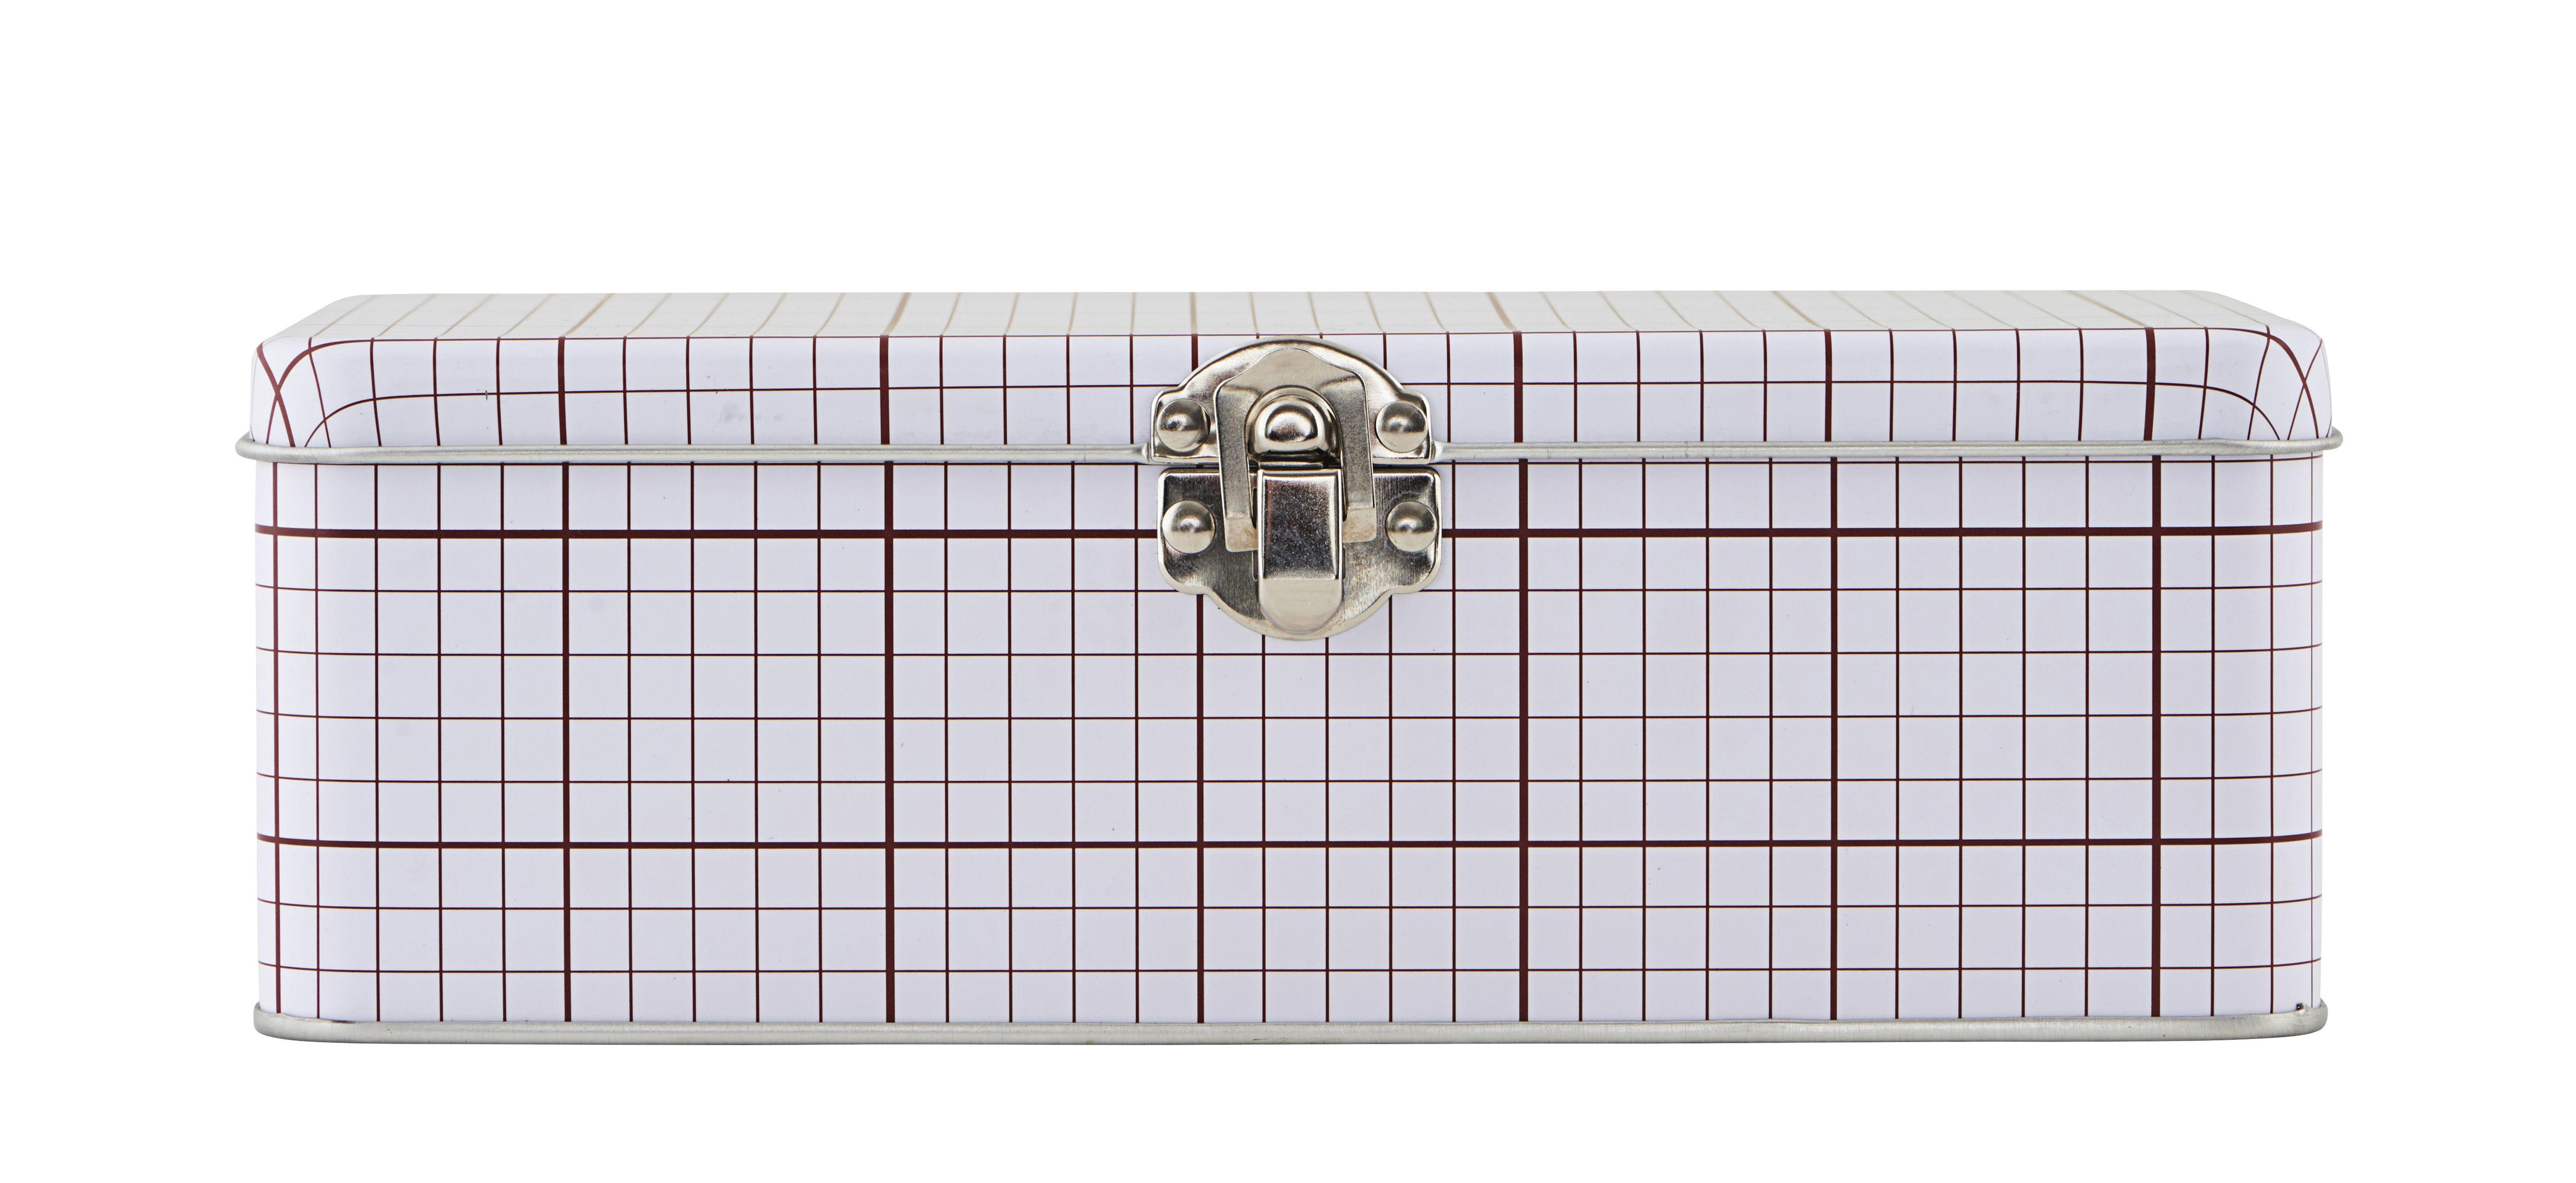 Accessori moda - Pratici e intelligenti - Scatola Lunch box / Graph 02 - House Doctor - Linee bordò - Fer blanc